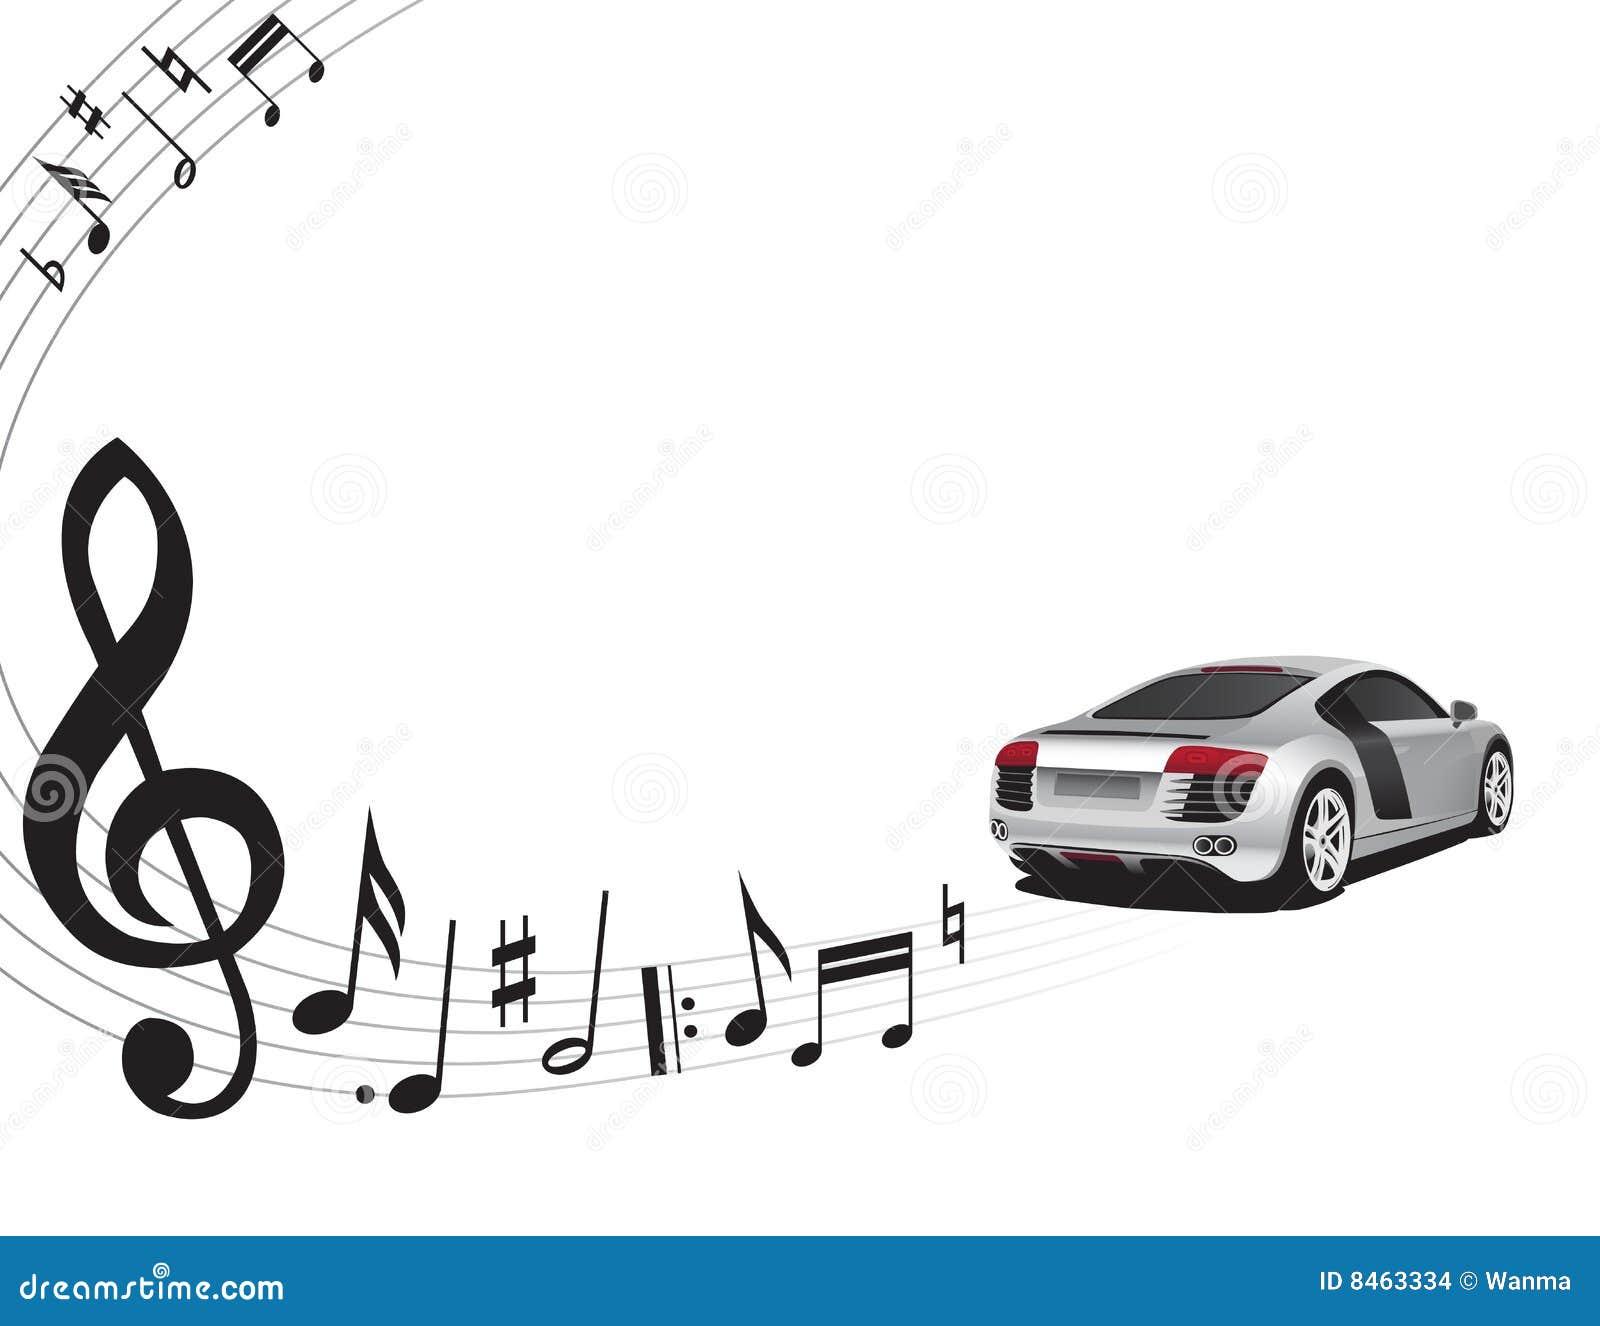 Bakgrundsbilmusik